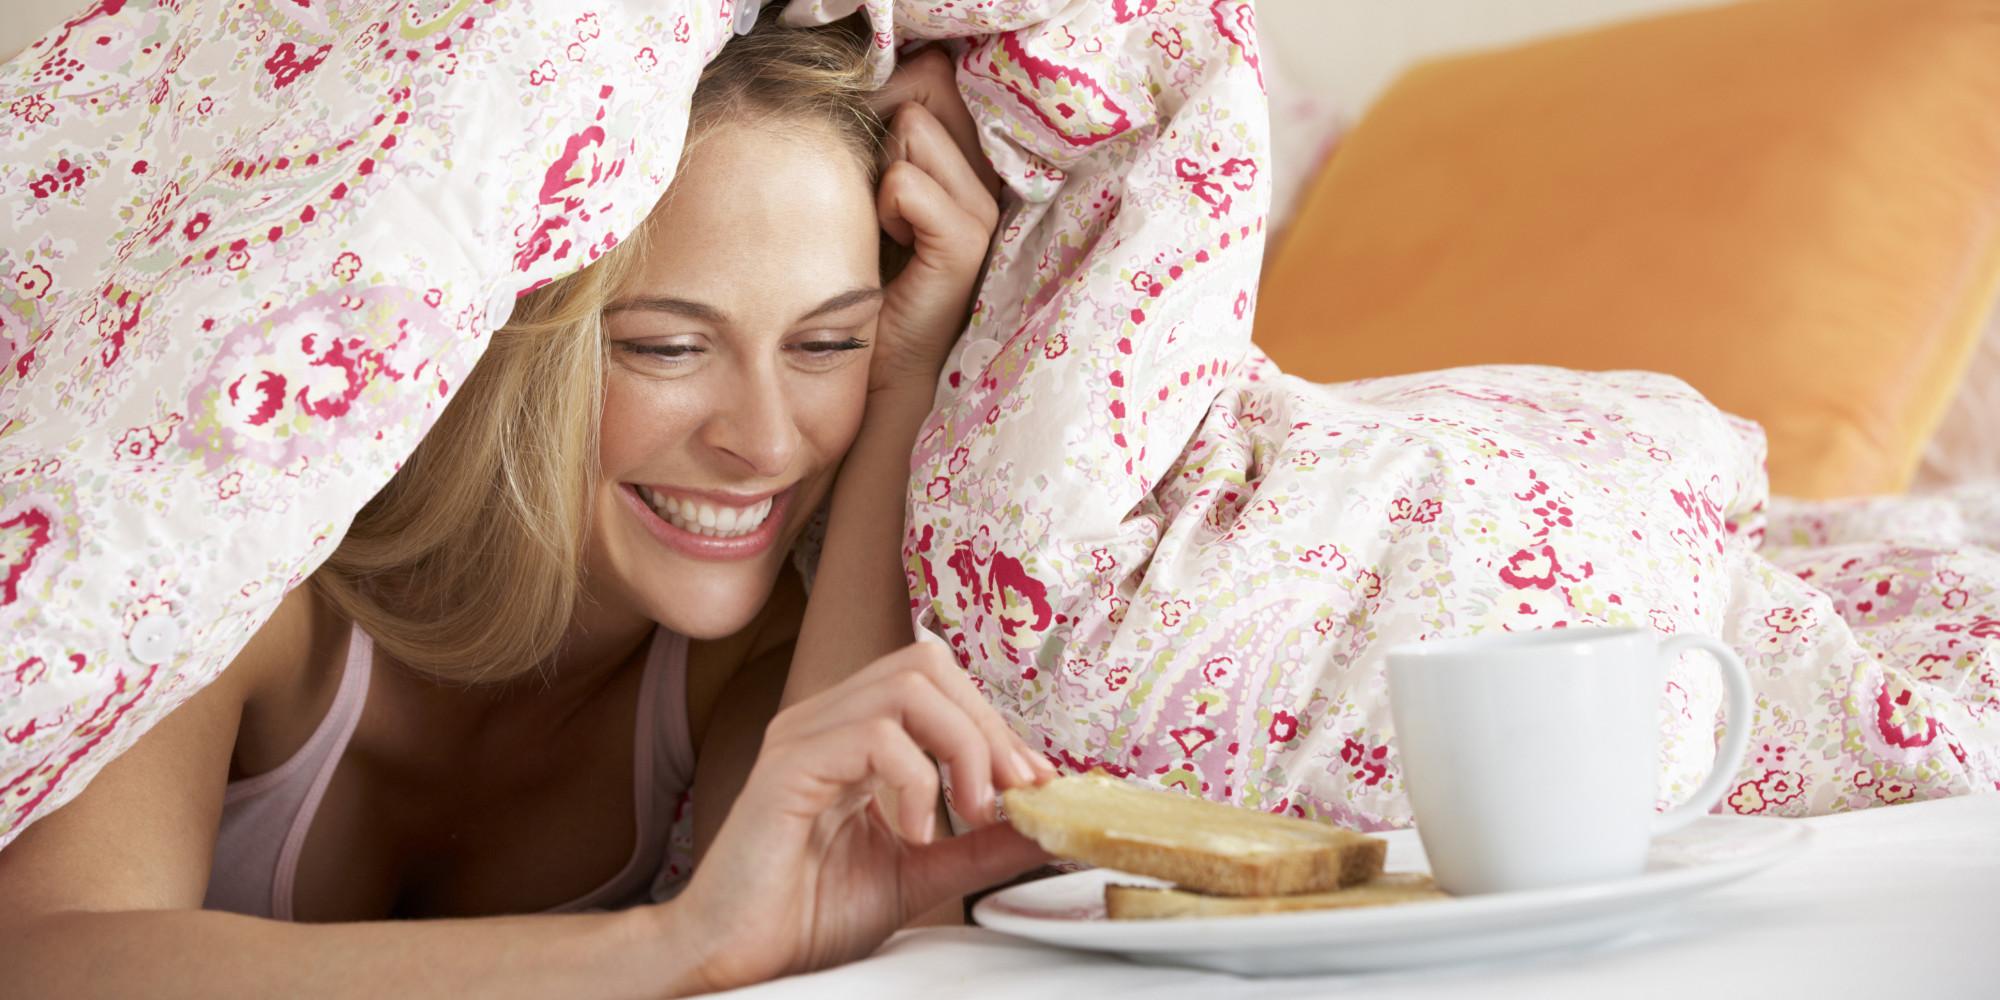 Счастливые девушки фото с подушками